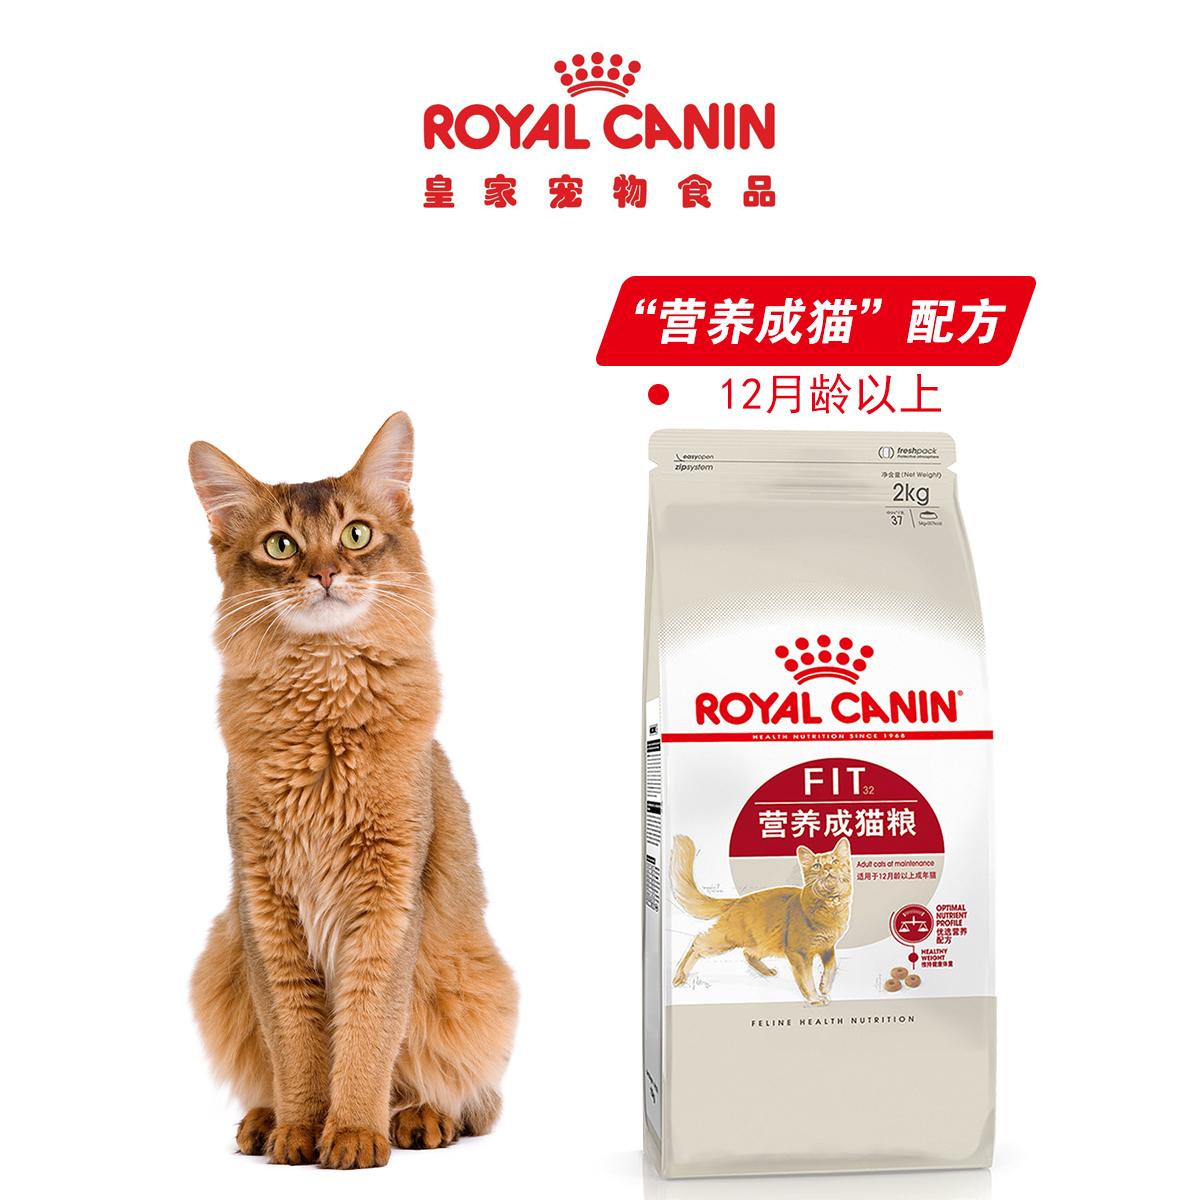 皇家猫粮F32营养成猫猫粮增肥2kg英短蓝猫理想体态<a href=